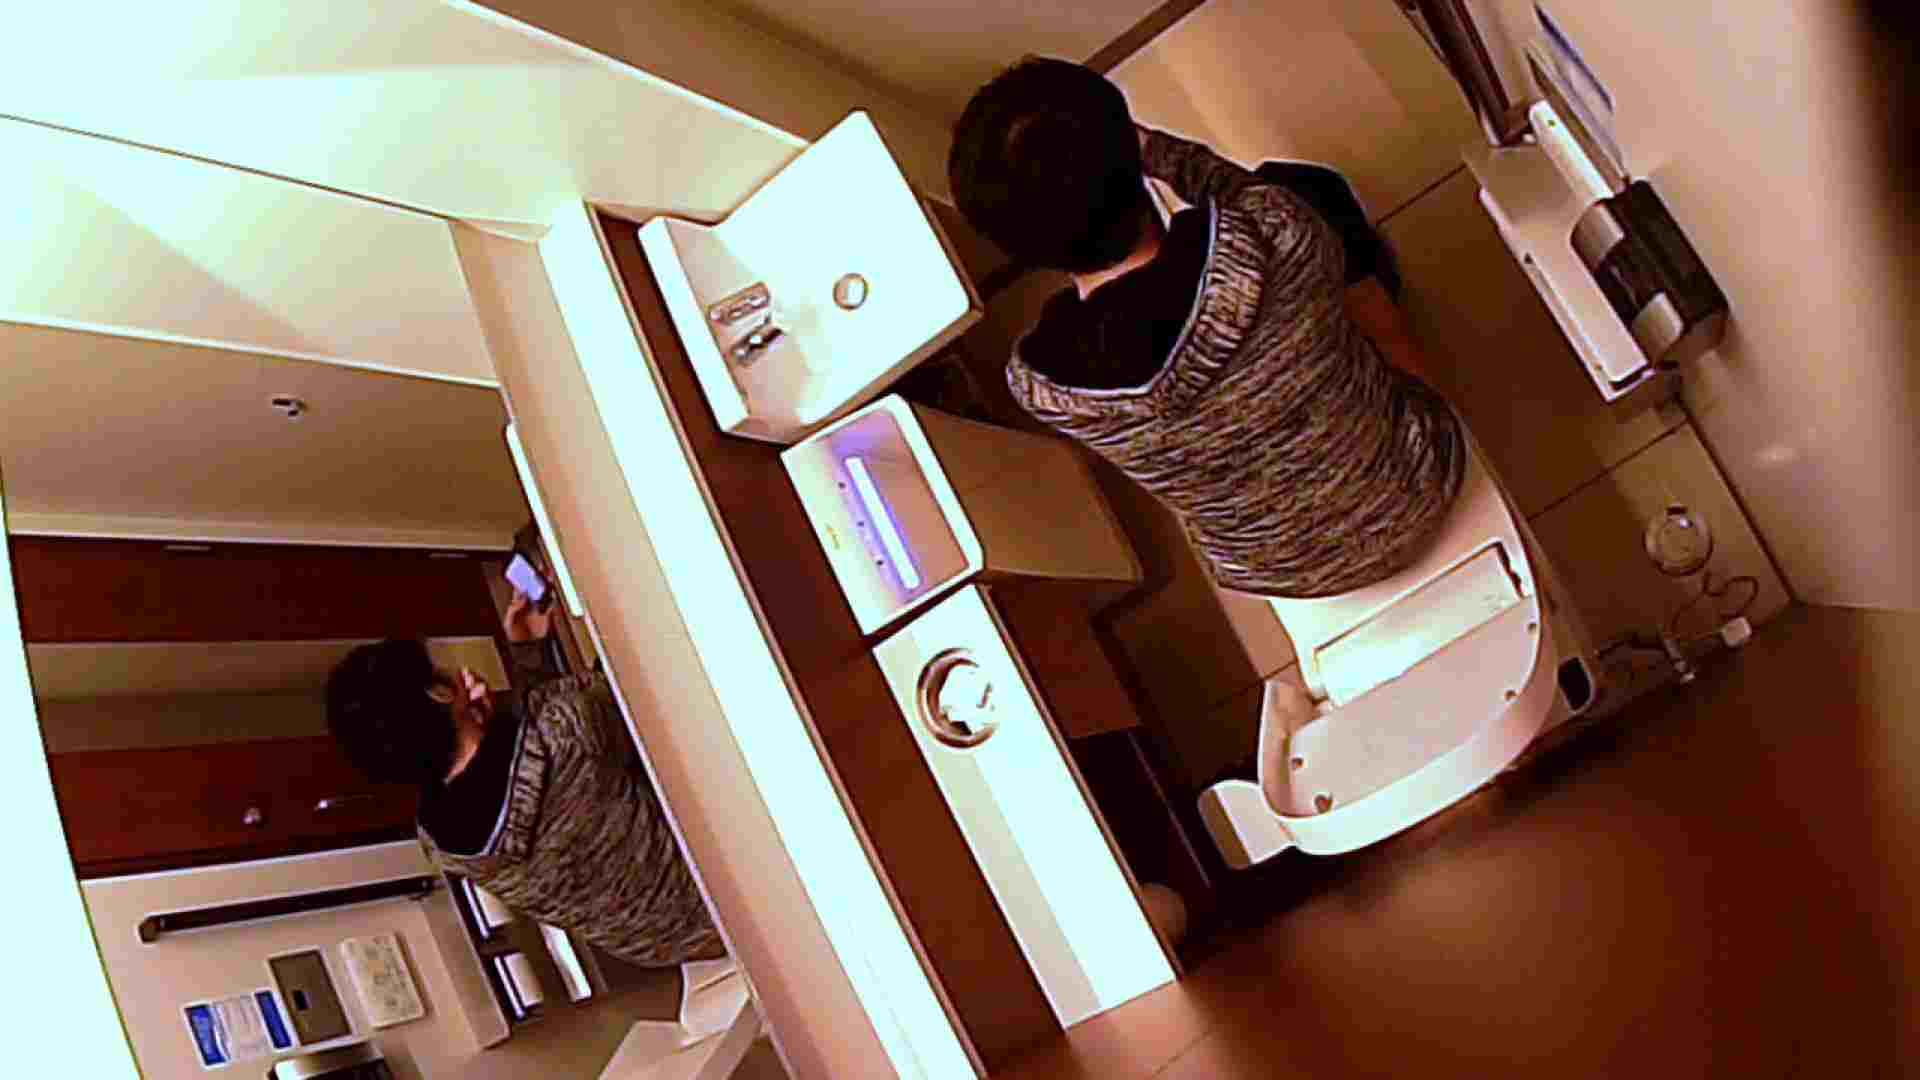 イケメンの素顔in洗面所 Vol.03 丸見え動画 | ボーイズうんこ  107pic 4